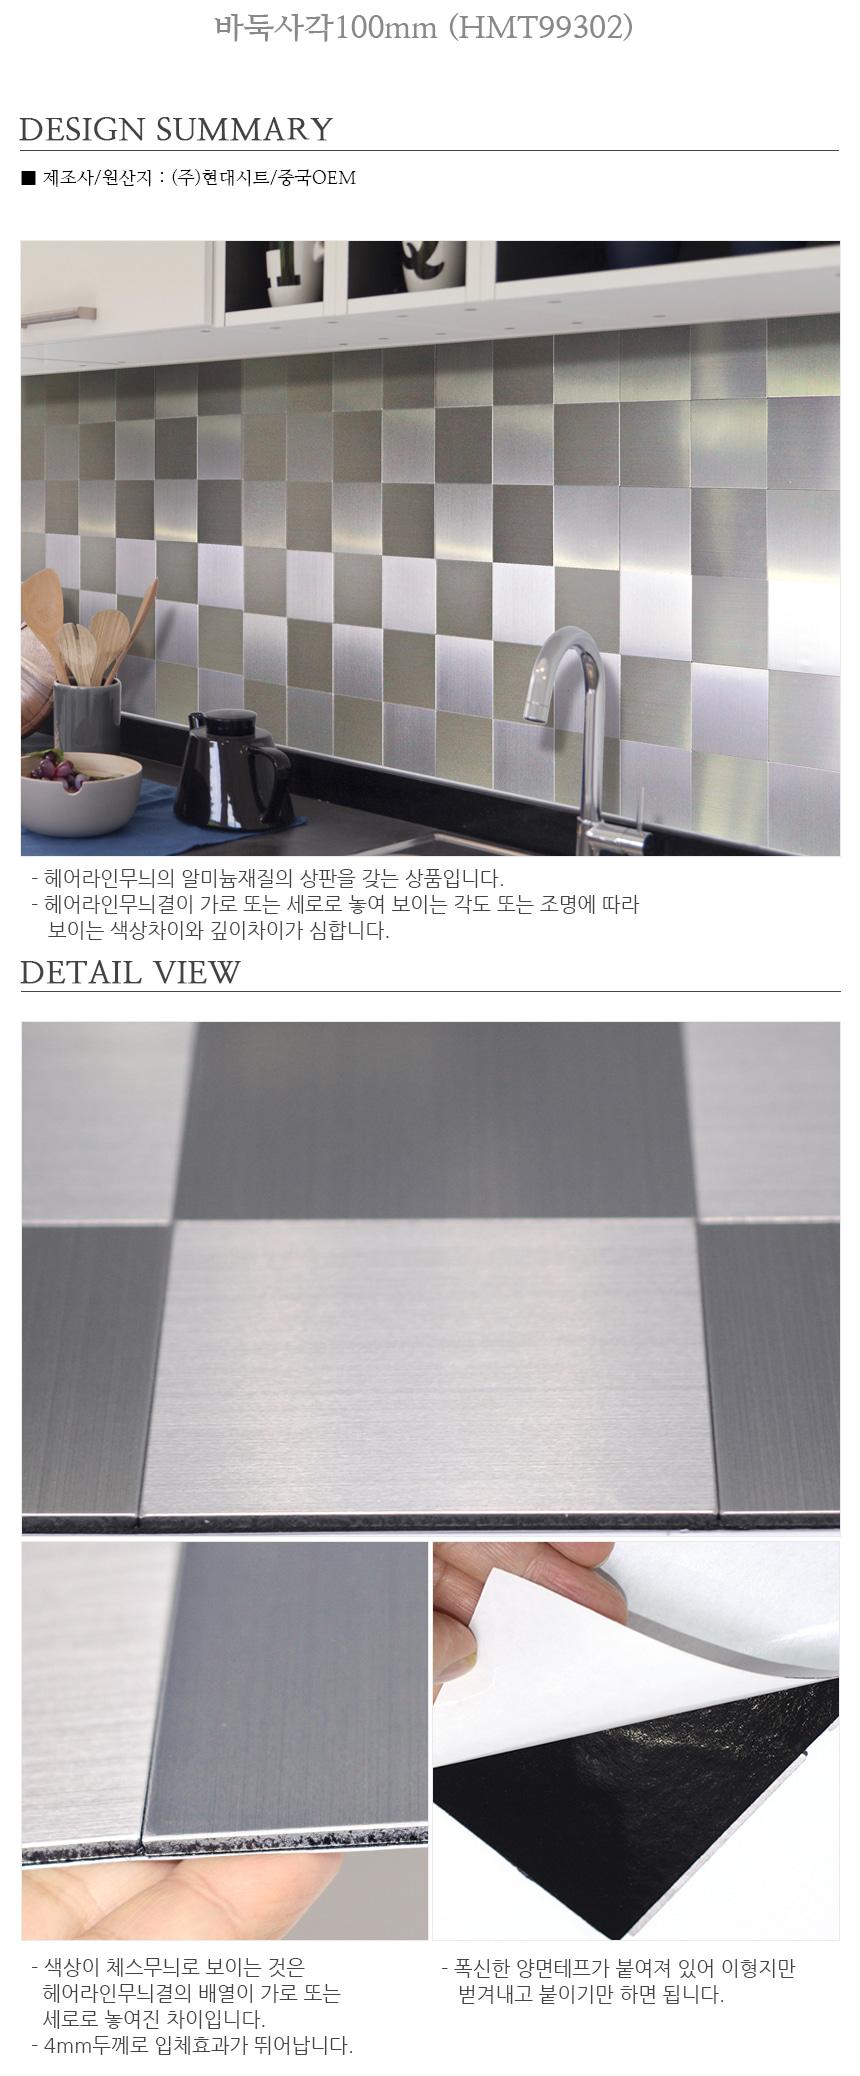 점착식 알미늄 메탈타일 바둑사각100mm (HMT99302) - 데코사랑, 6,270원, 장식/부자재, 벽장식